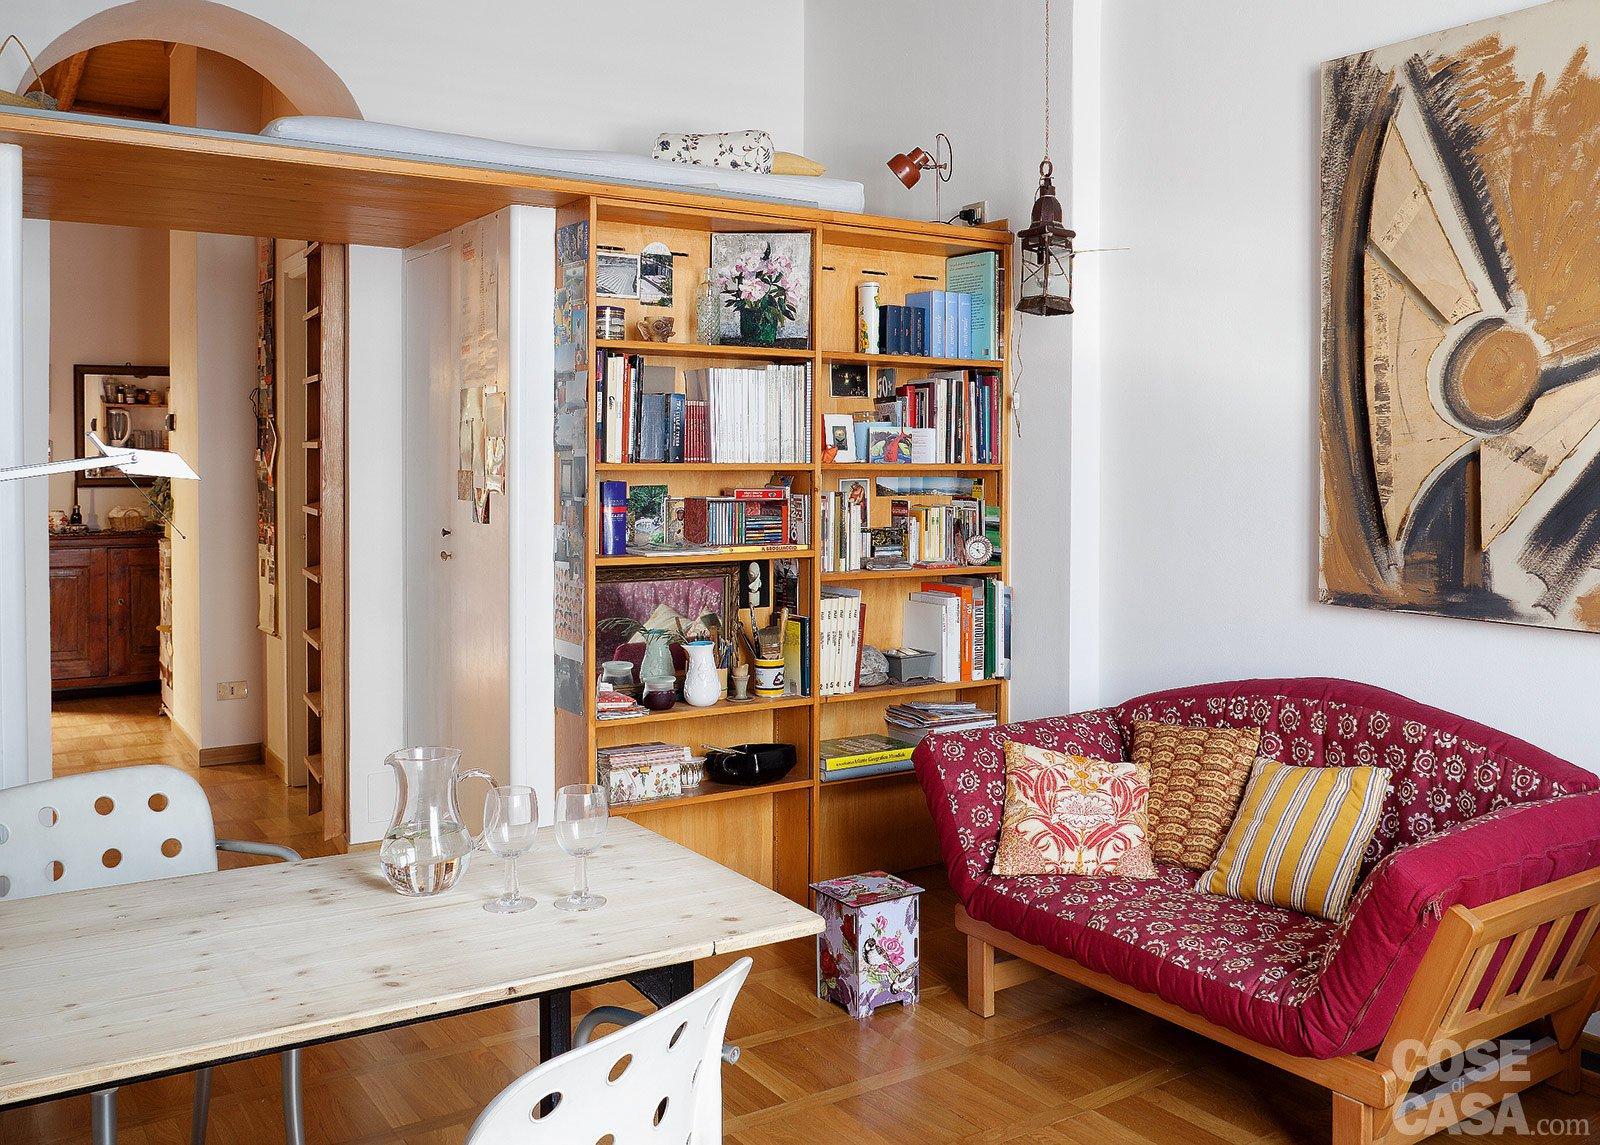 Bilocale di 40 mq, una casa fai da te - Cose di Casa